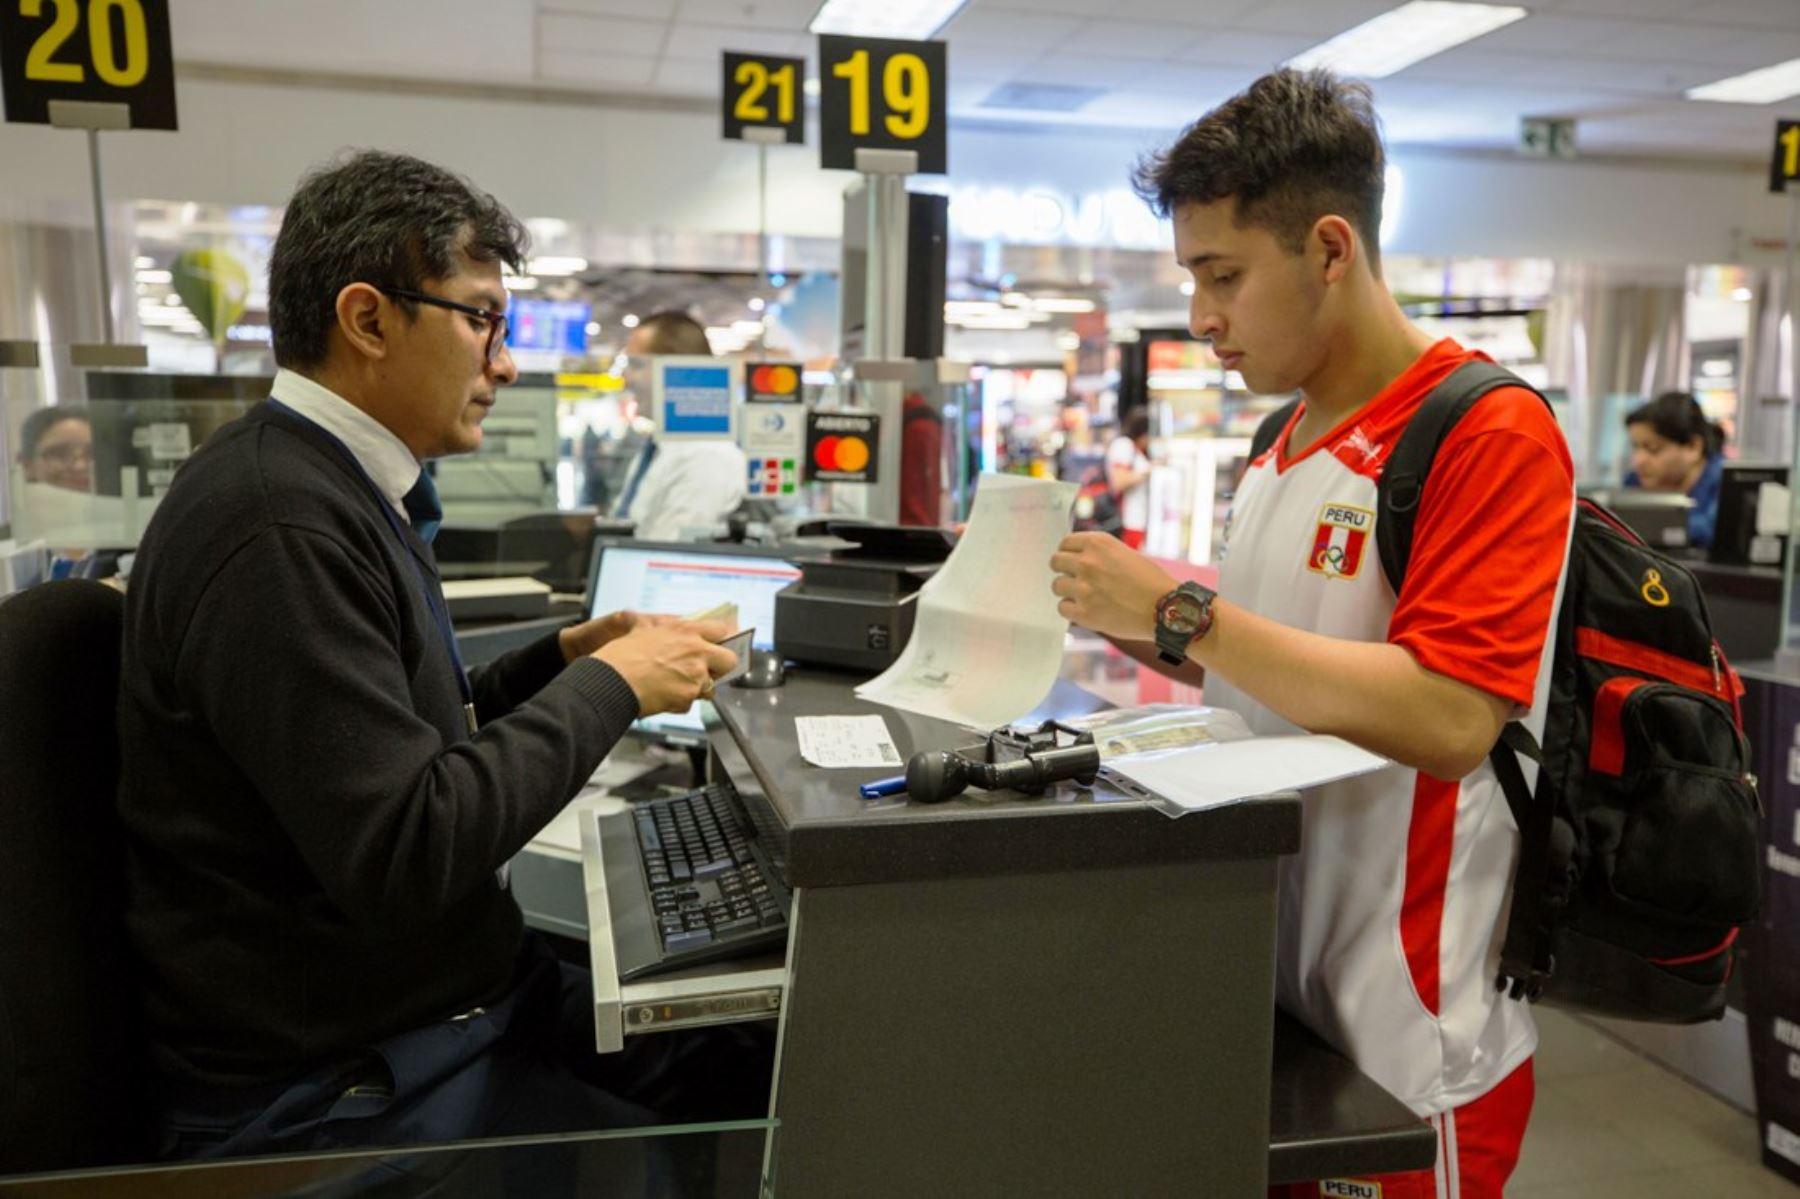 Migraciones está lista para recibir a delegaciones extranjeras que llegarán a Lima para asistir a los Juegos Panamericanos y Parapanamericanos. Foto: ANDINA/Migraciones.